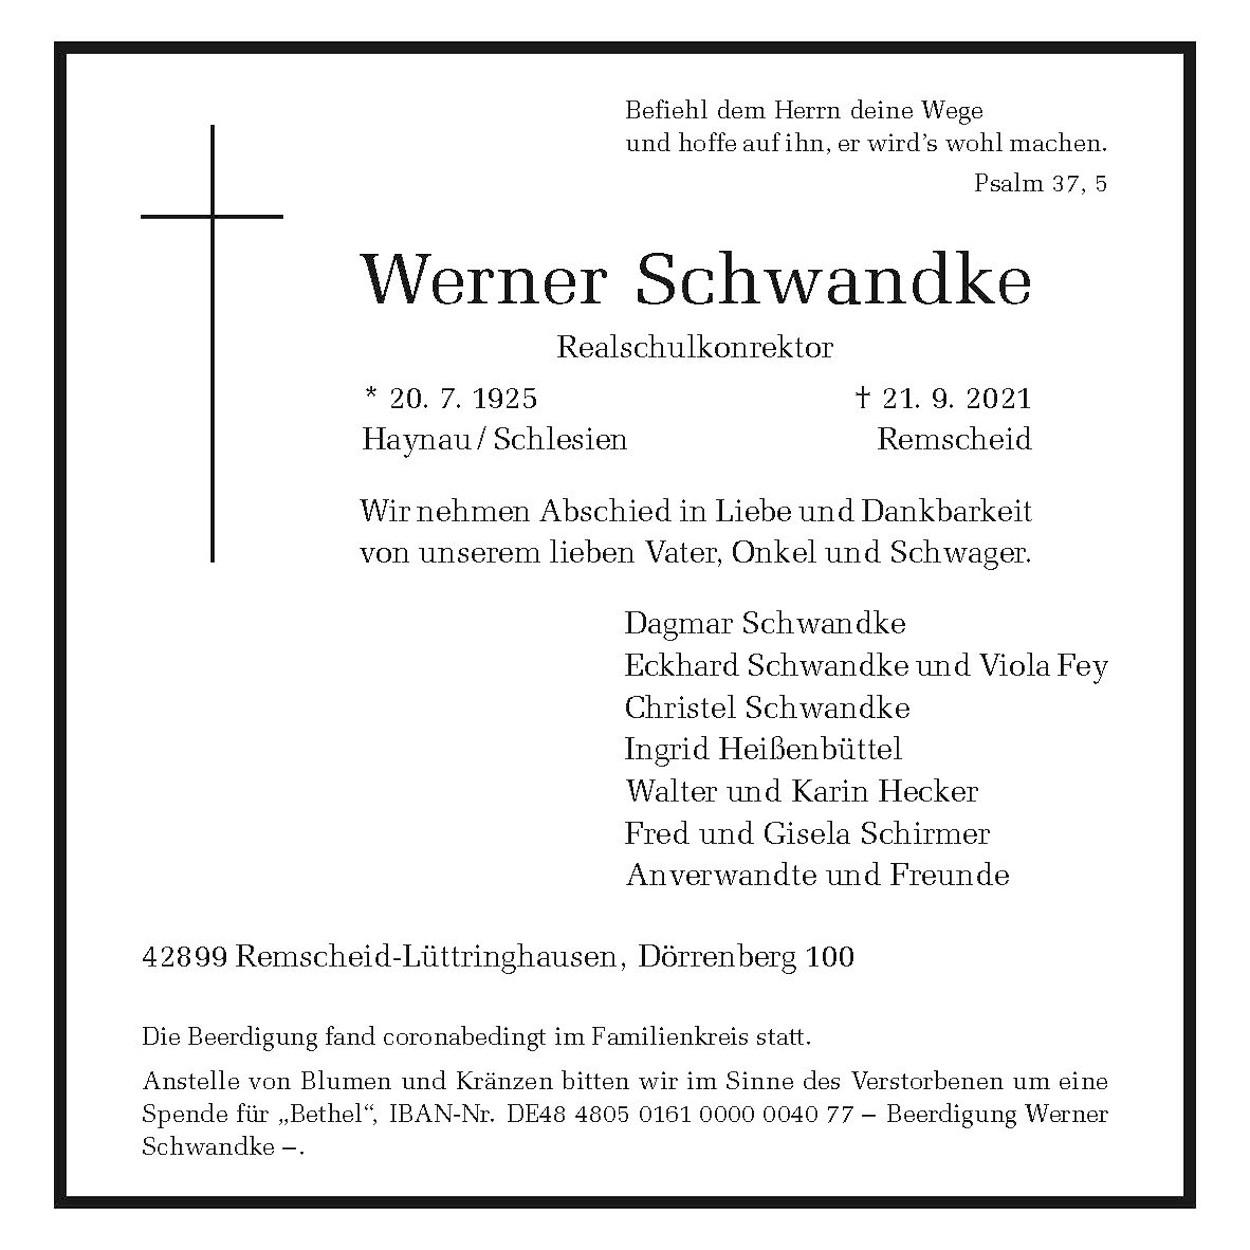 Werner Schwandke